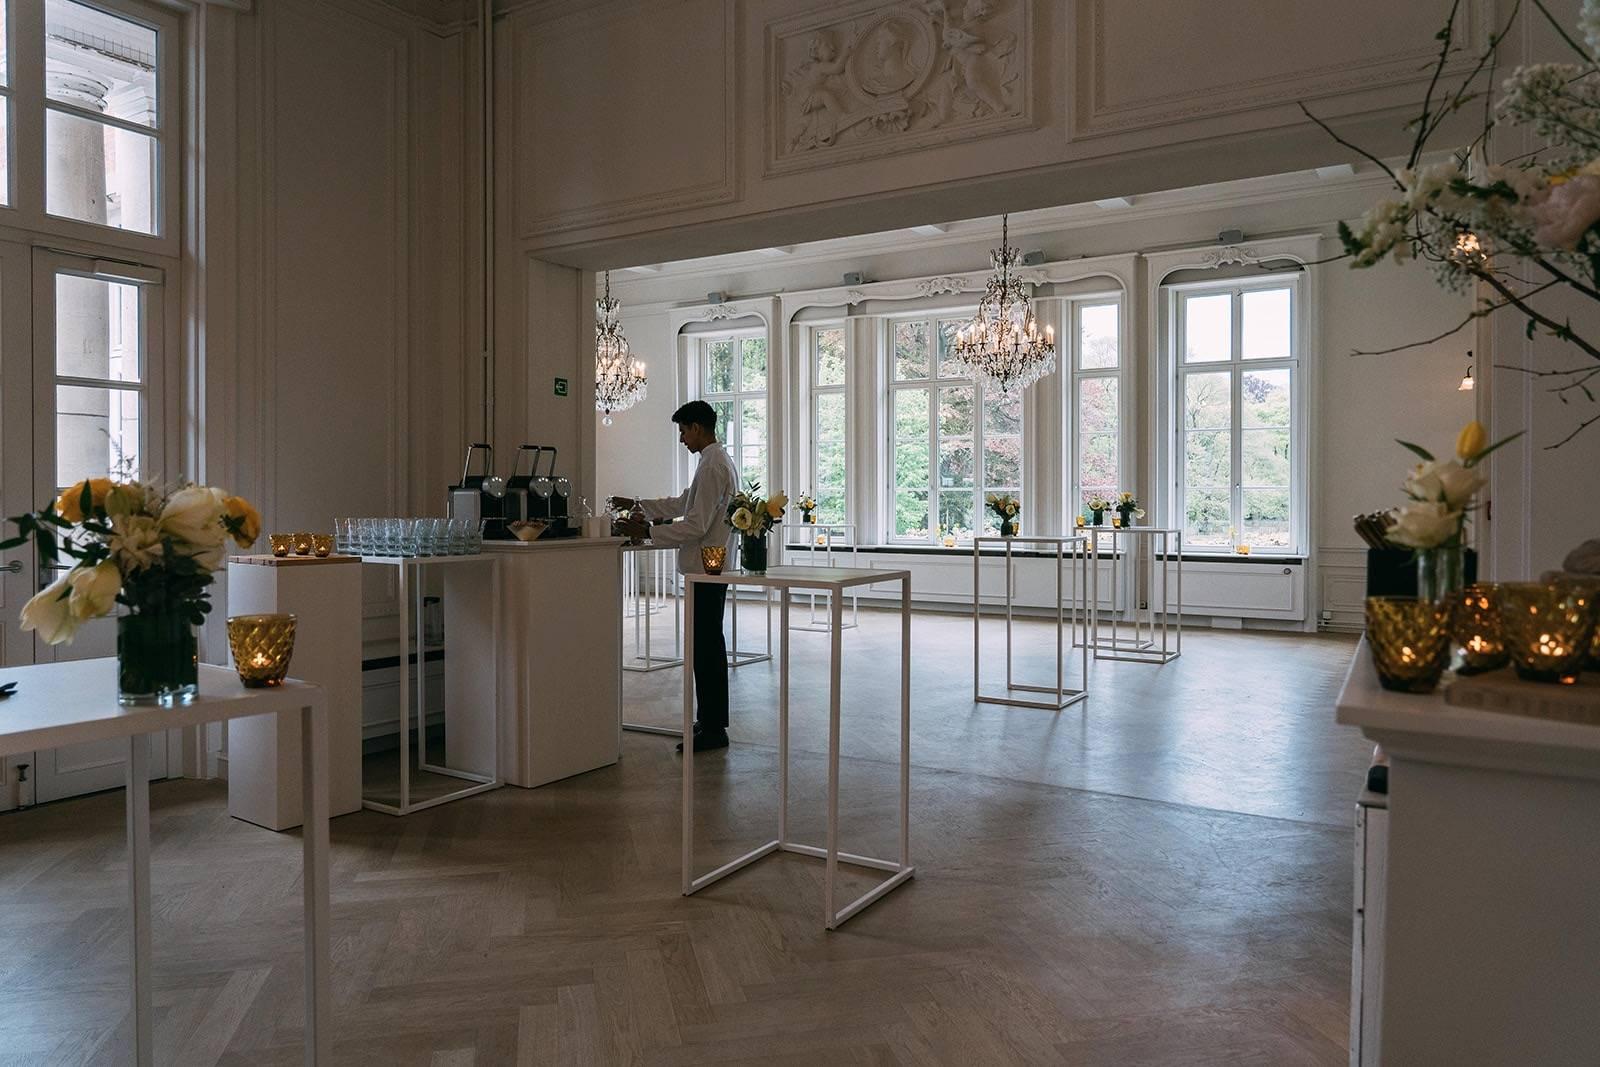 Kasteel Van Brasschaat - Eventlocatie - Feestzaal - Trouwzaal - House of Events & House of Weddings - 10